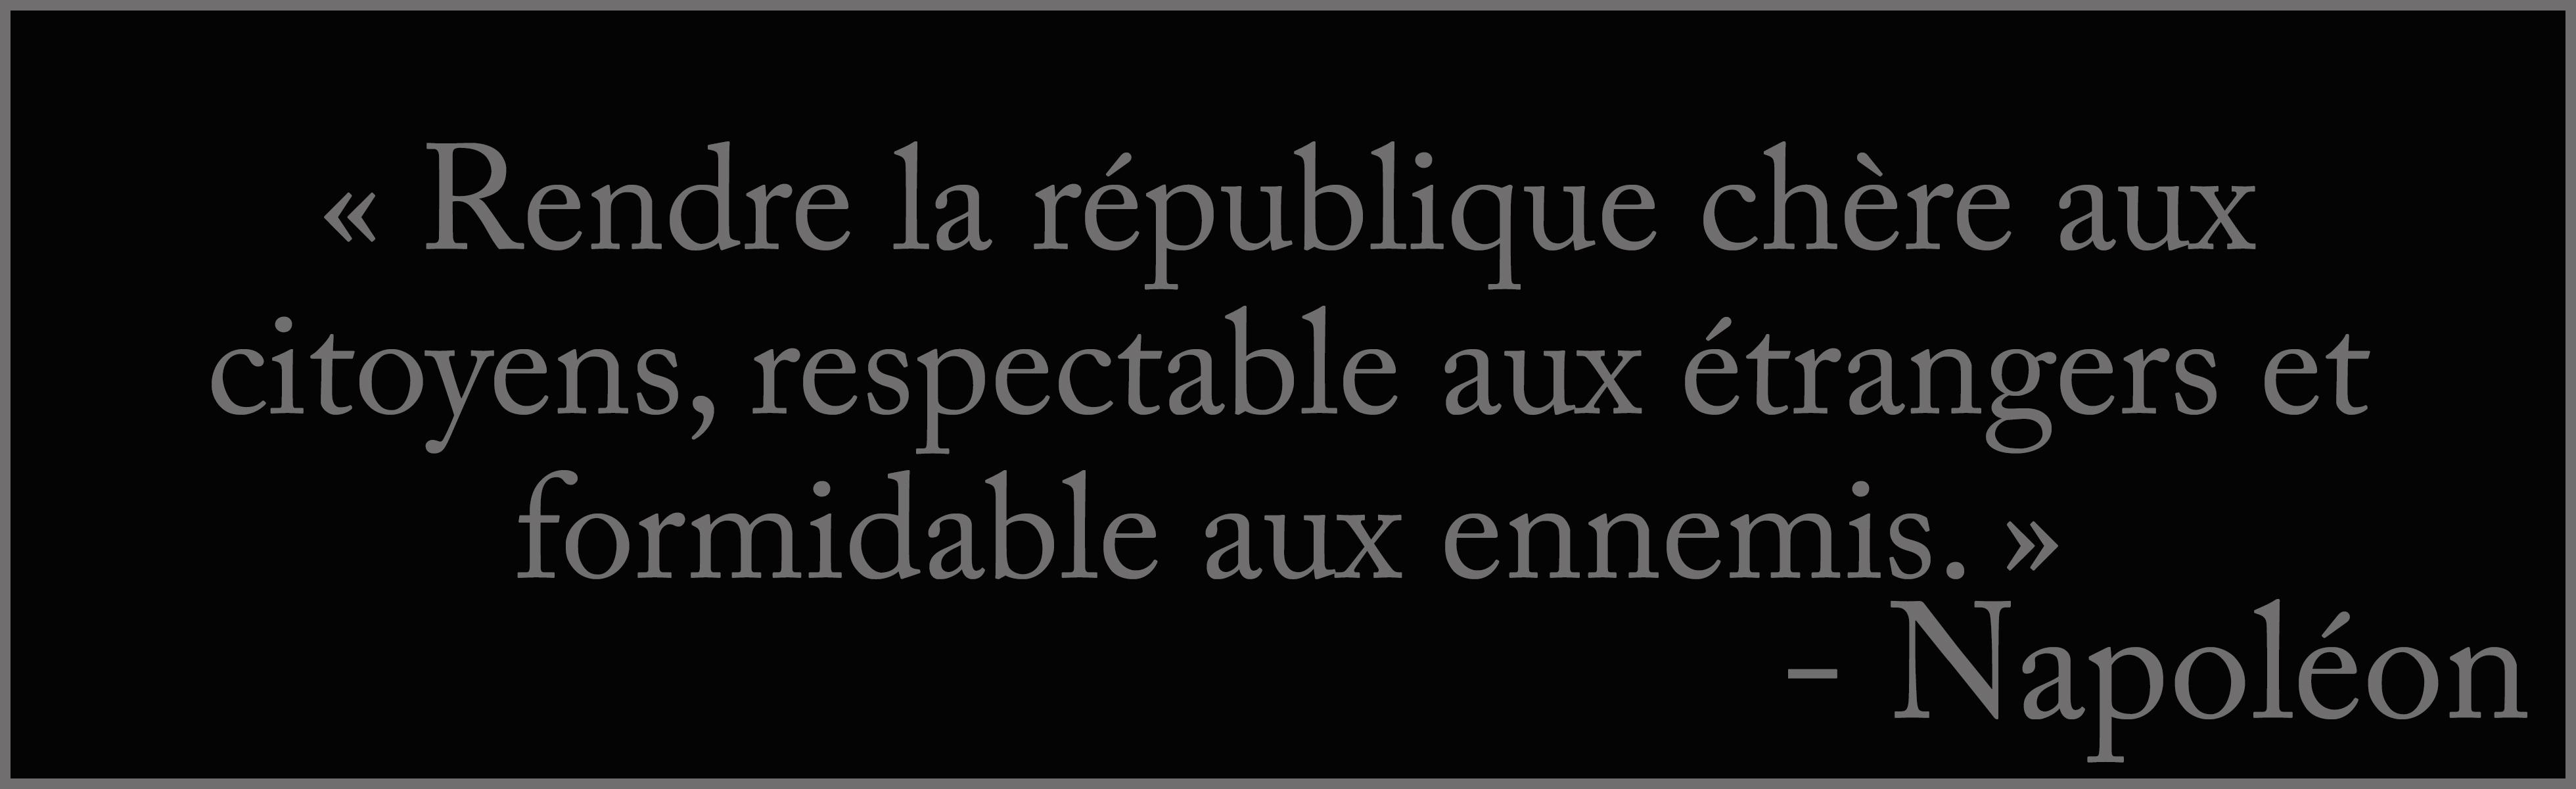 Rendre la république chère aux citoyens, respectable aux étrangers et formidable aux ennemis d'purb dpurb site web